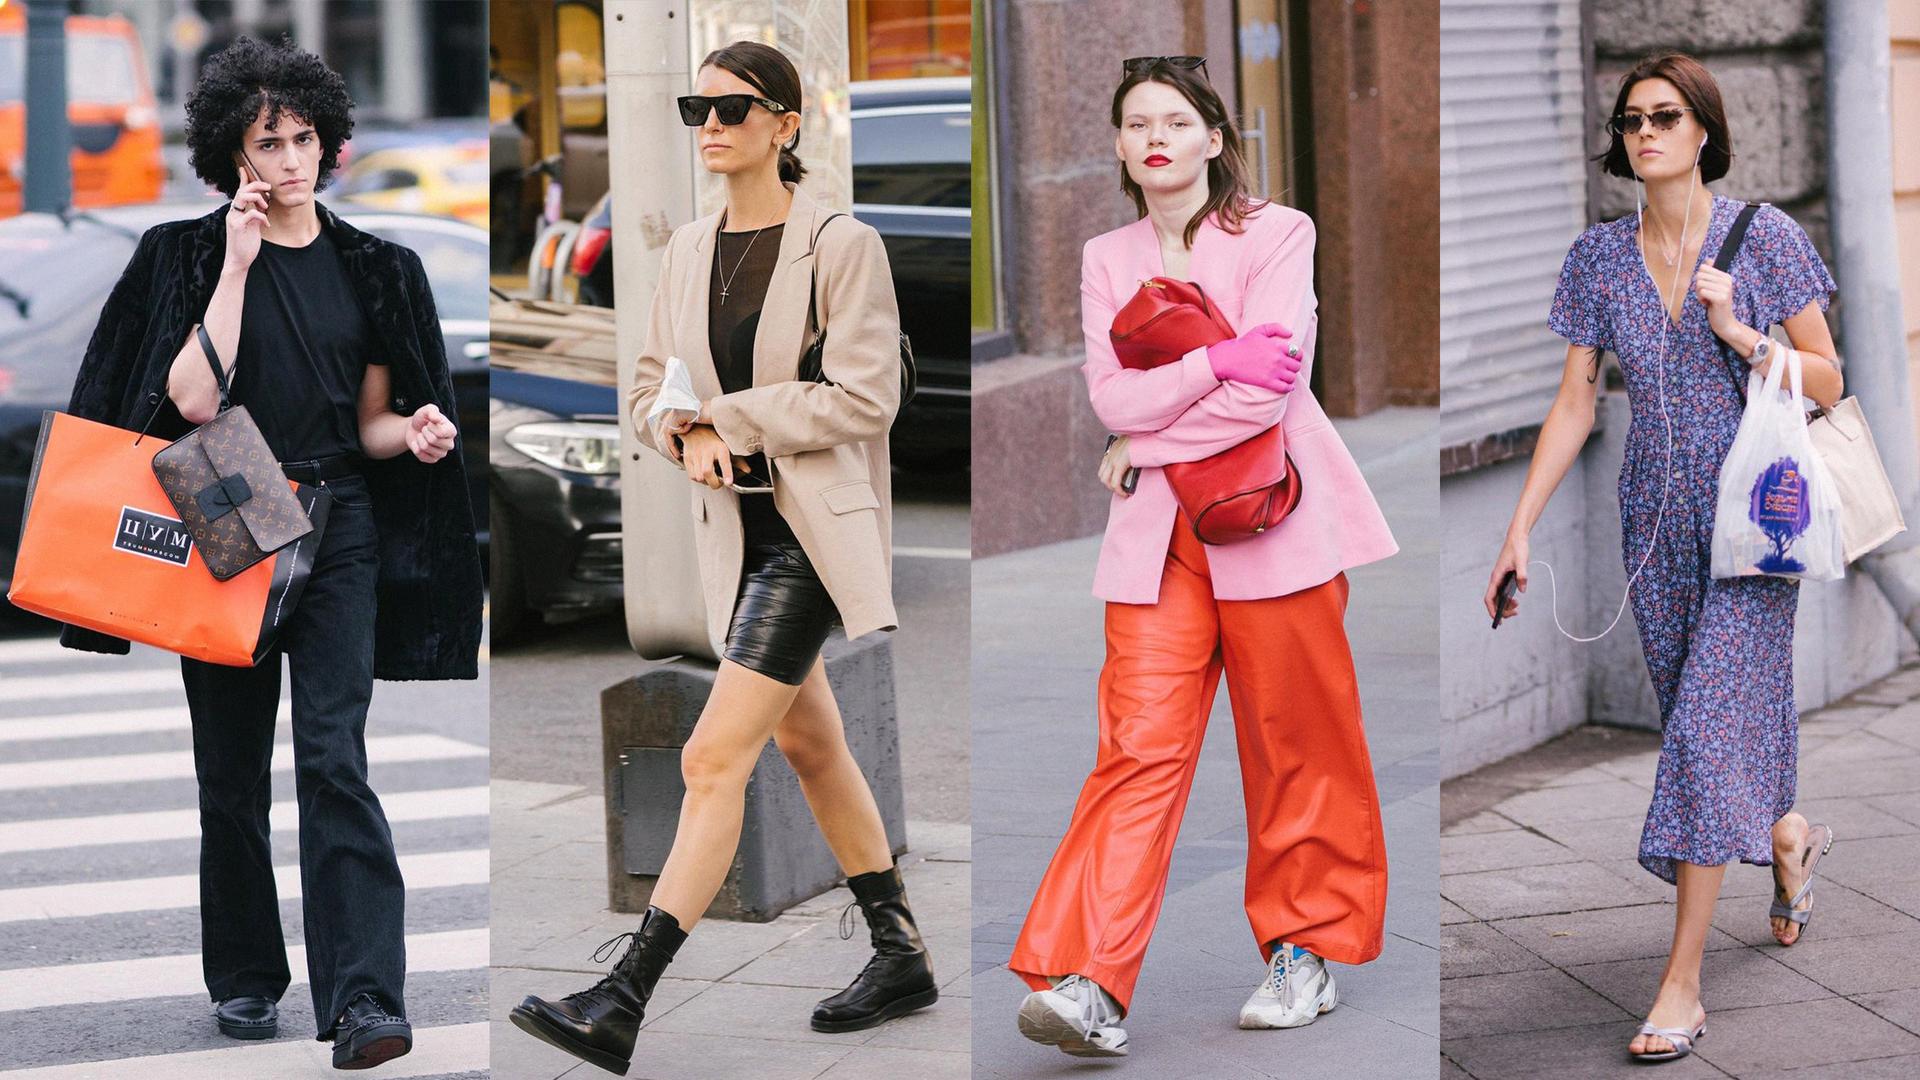 Кто снимает моду на улицах Москвы? Познакомьтесь с основателем страницы @watchingmoscow